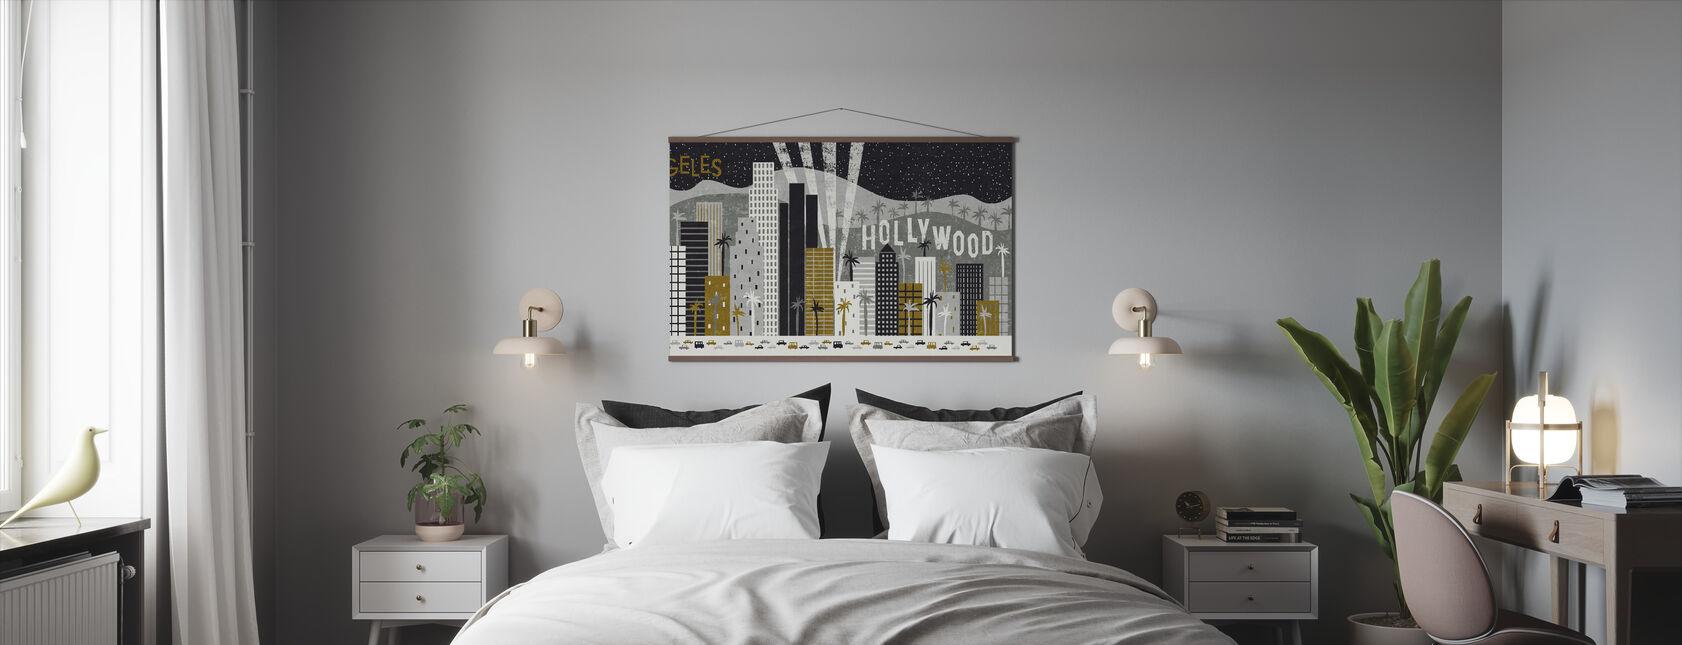 Hé Los Angeles - Poster - Slaapkamer